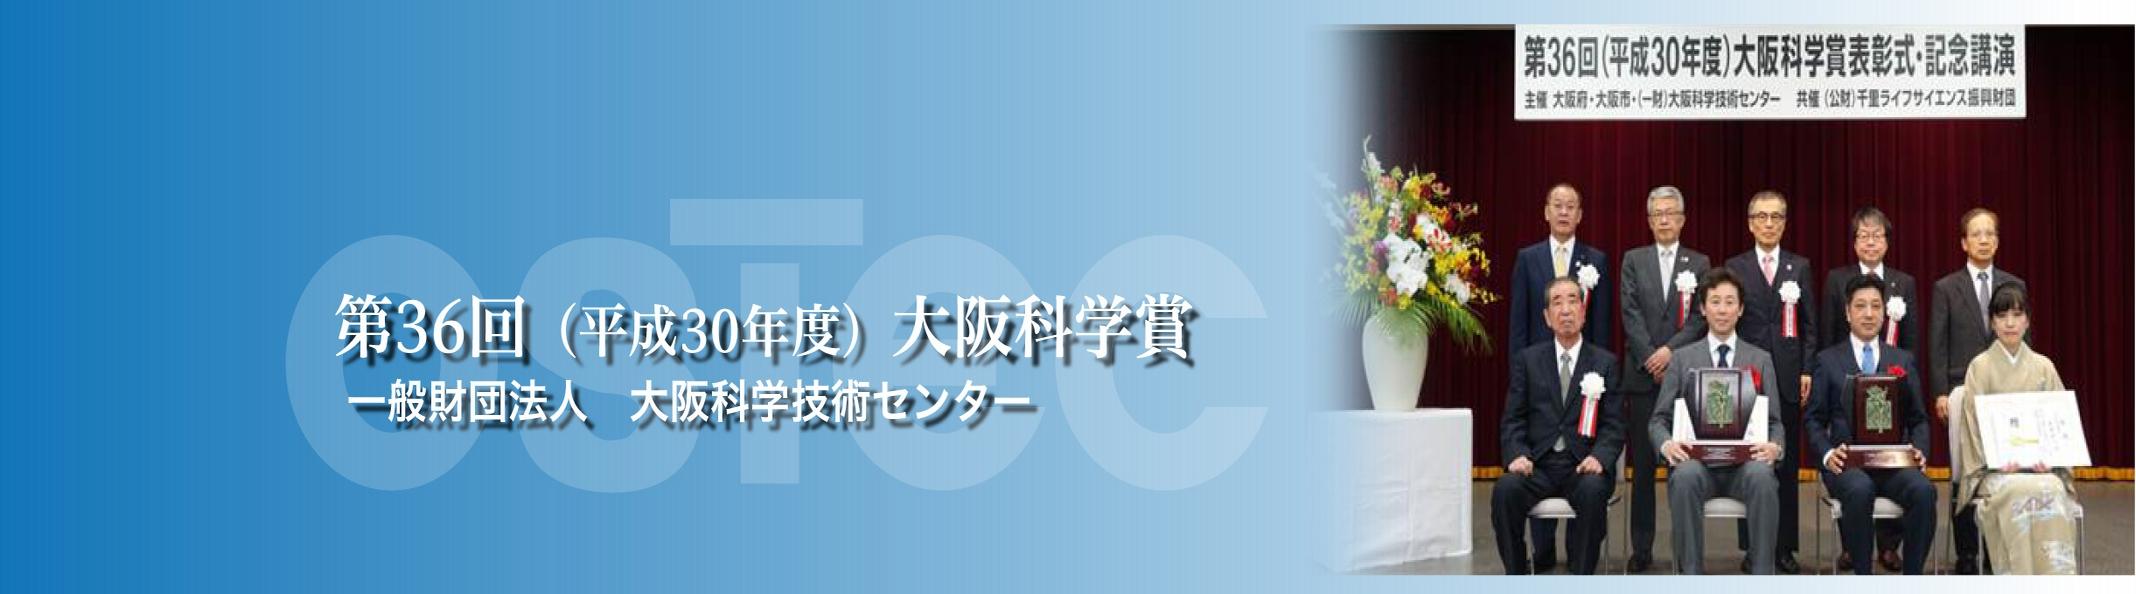 第36回(平成30年度)大阪科学賞 記者発表・受賞記念講演